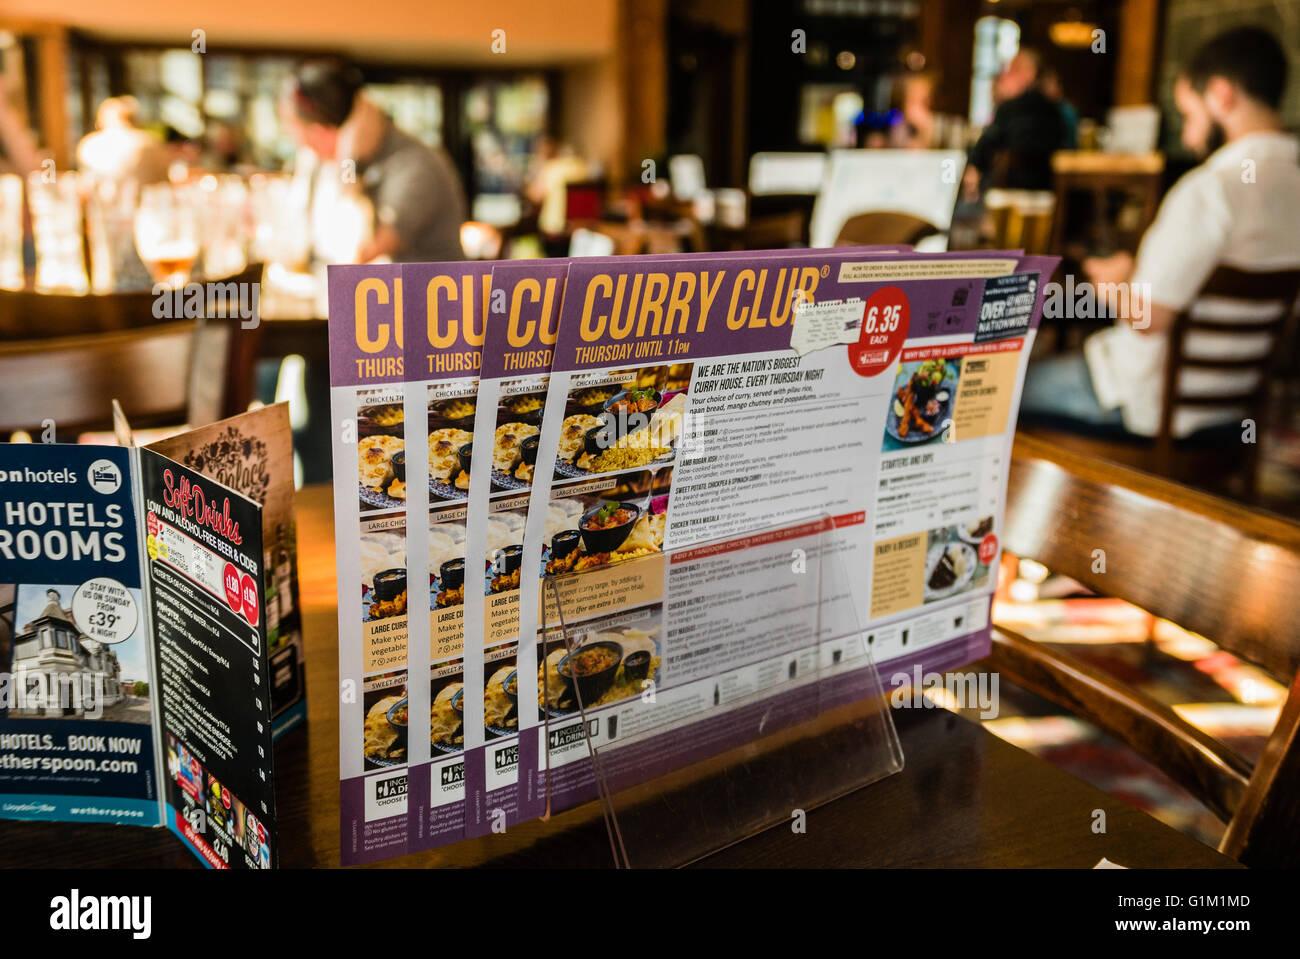 Club Curry menu sur une table dans un Wetherspoon's pub/restaurant, disponible tous les jeudis. Photo Stock